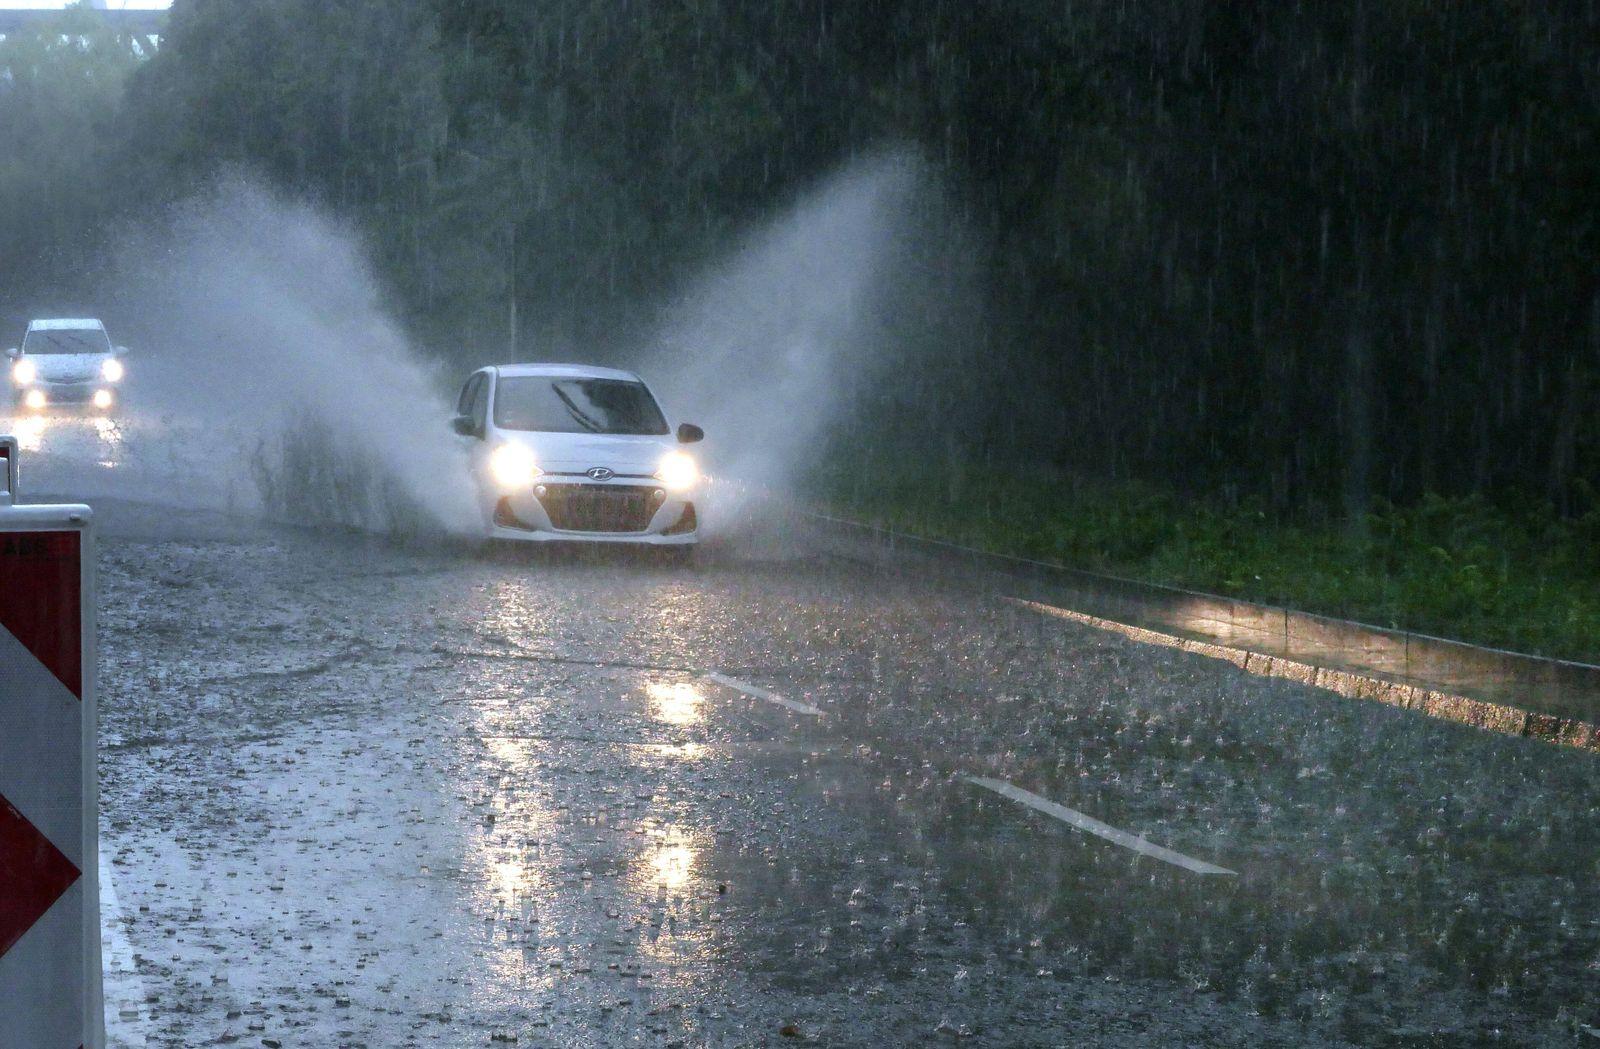 Berlin - Deutschland. Ein heftiges Unwetter mit Starkregen geht nieder, Autos fahren durch riesige Lachen. *** Berlin G